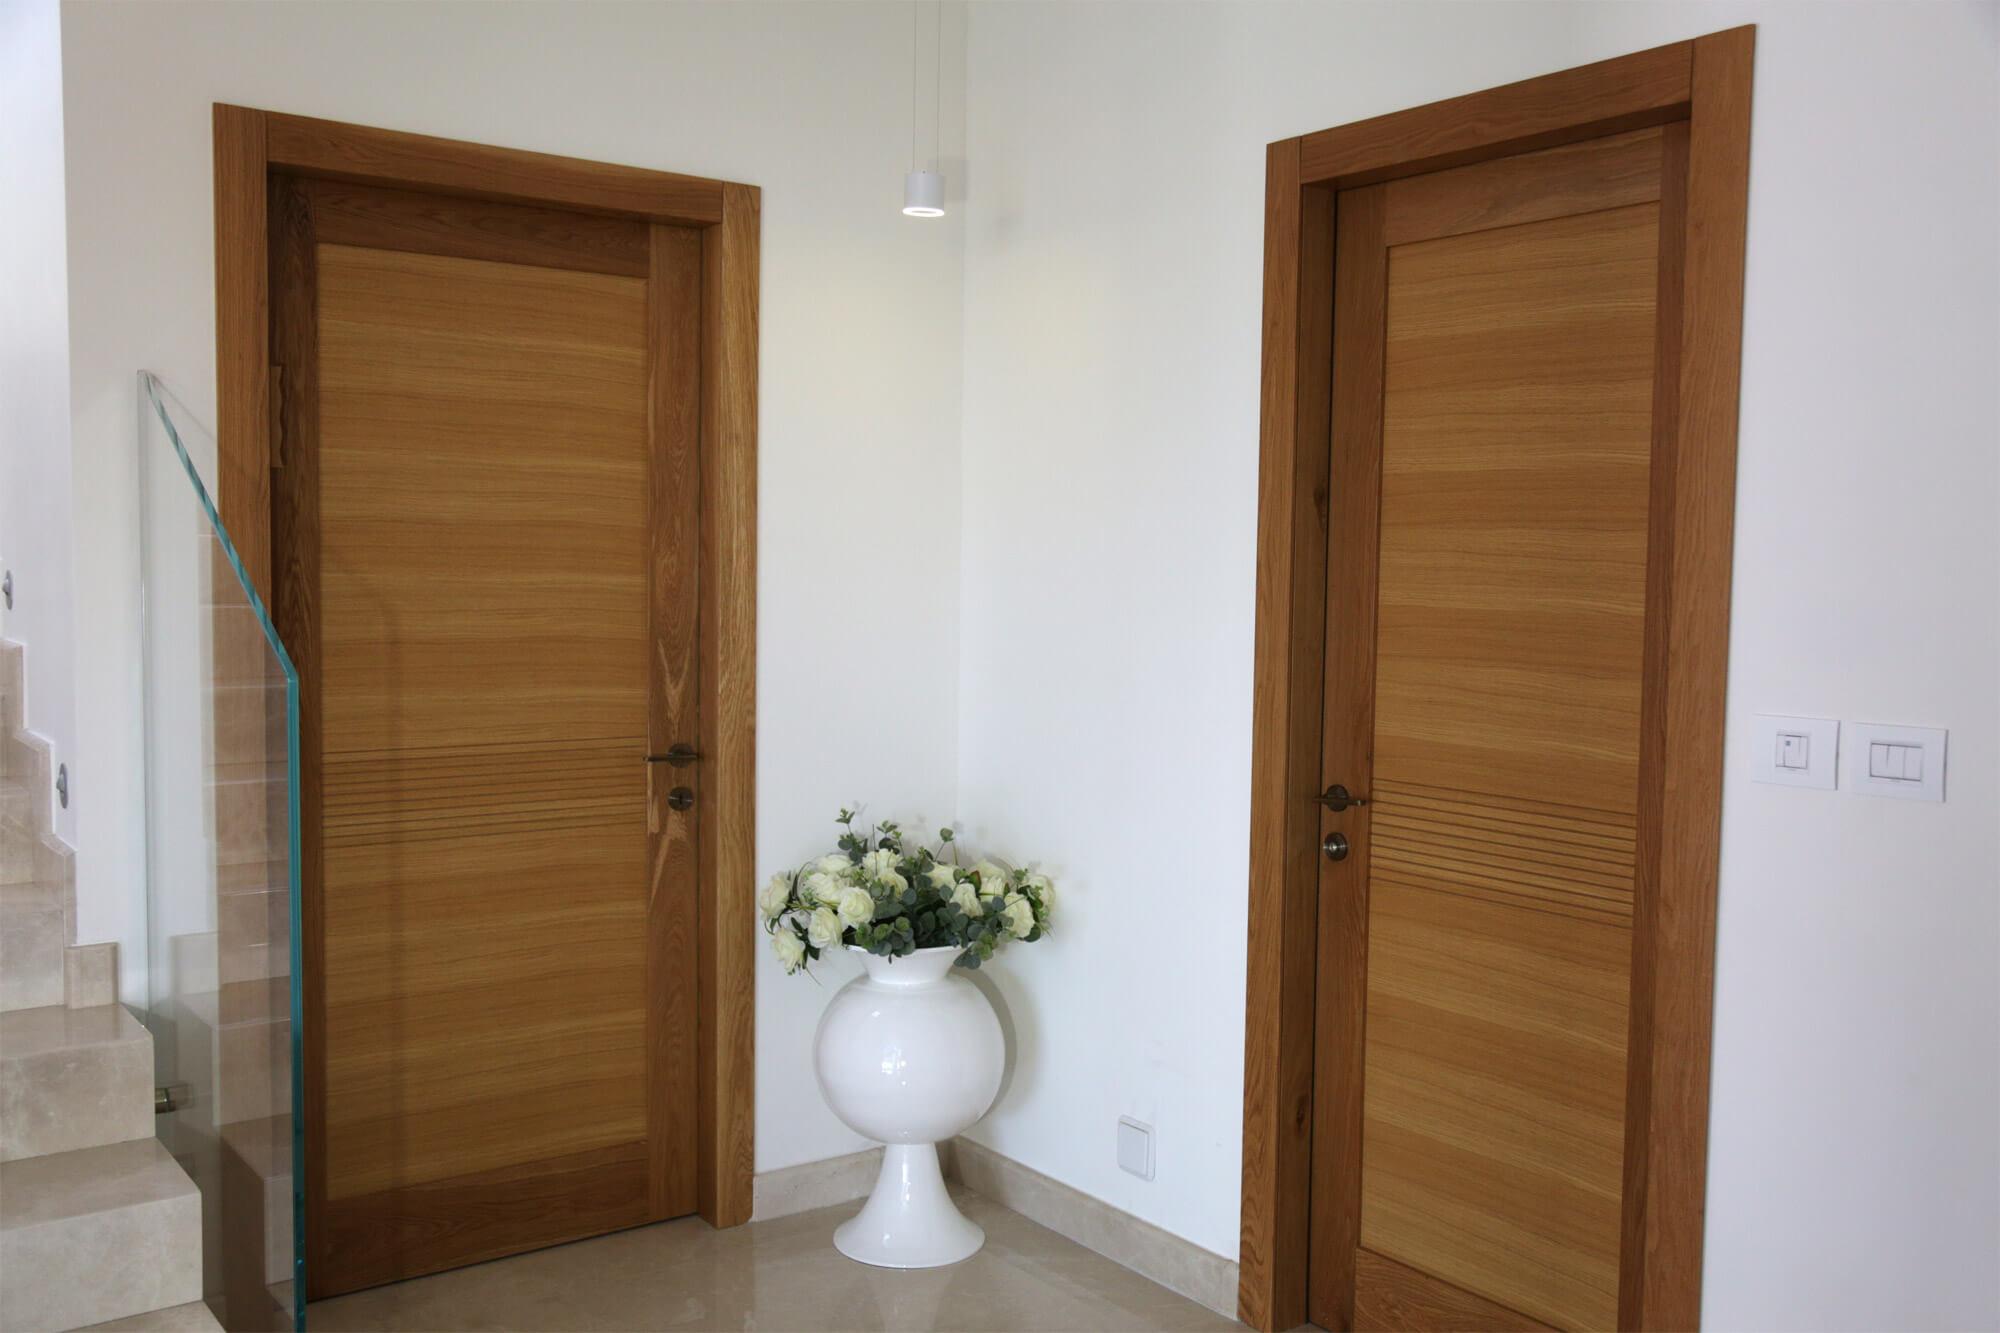 דלת פנים מעץ מאסיבית